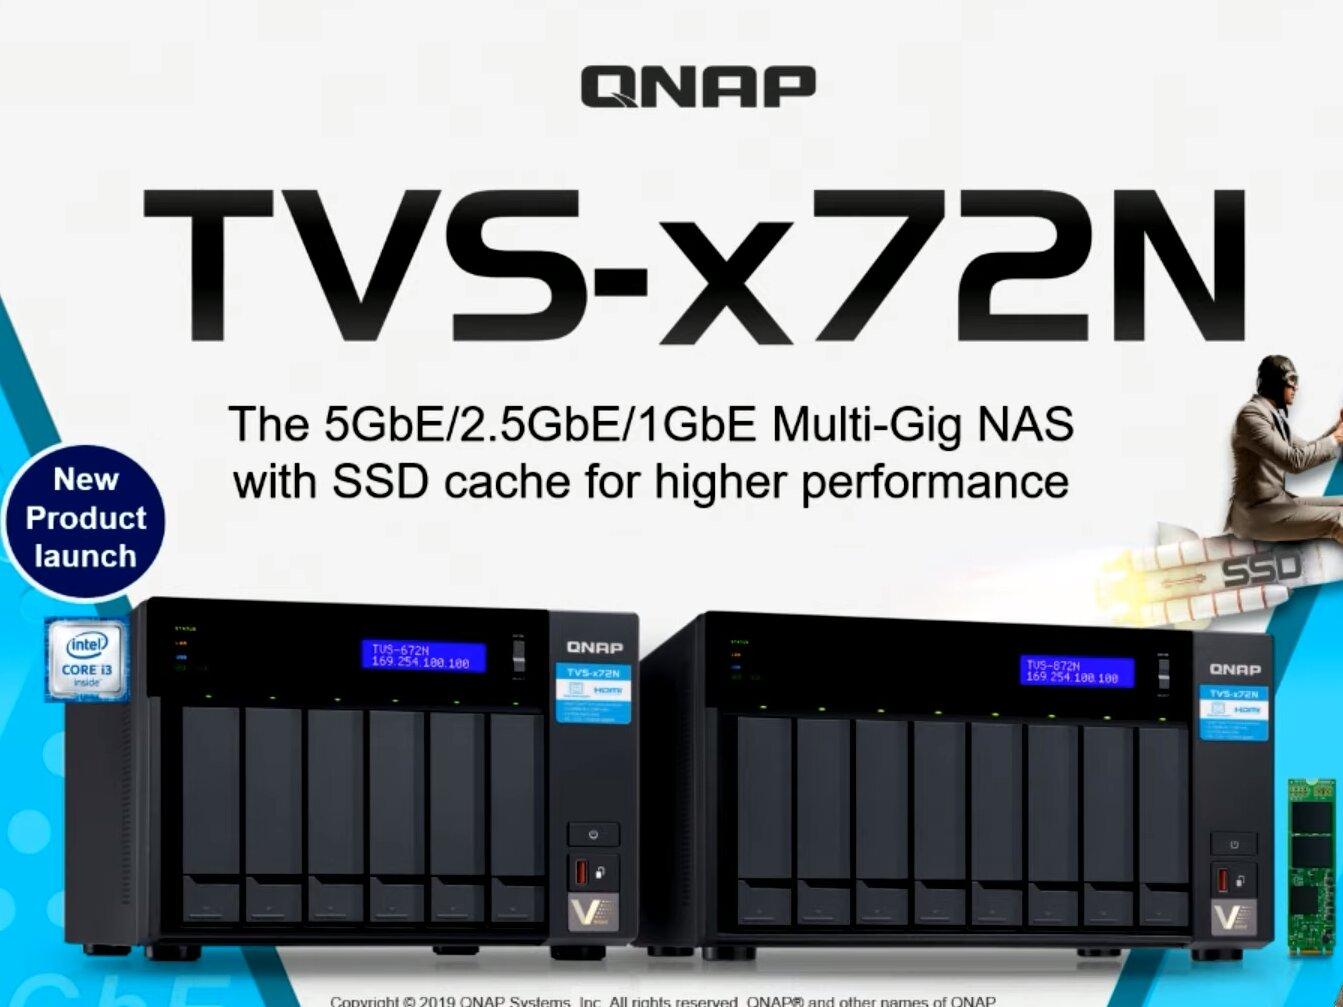 QNAP dévoile ses NAS TVS-x72N avec Ethernet 5 Gb/s, Core i3 et USB 3.1 Gen 2